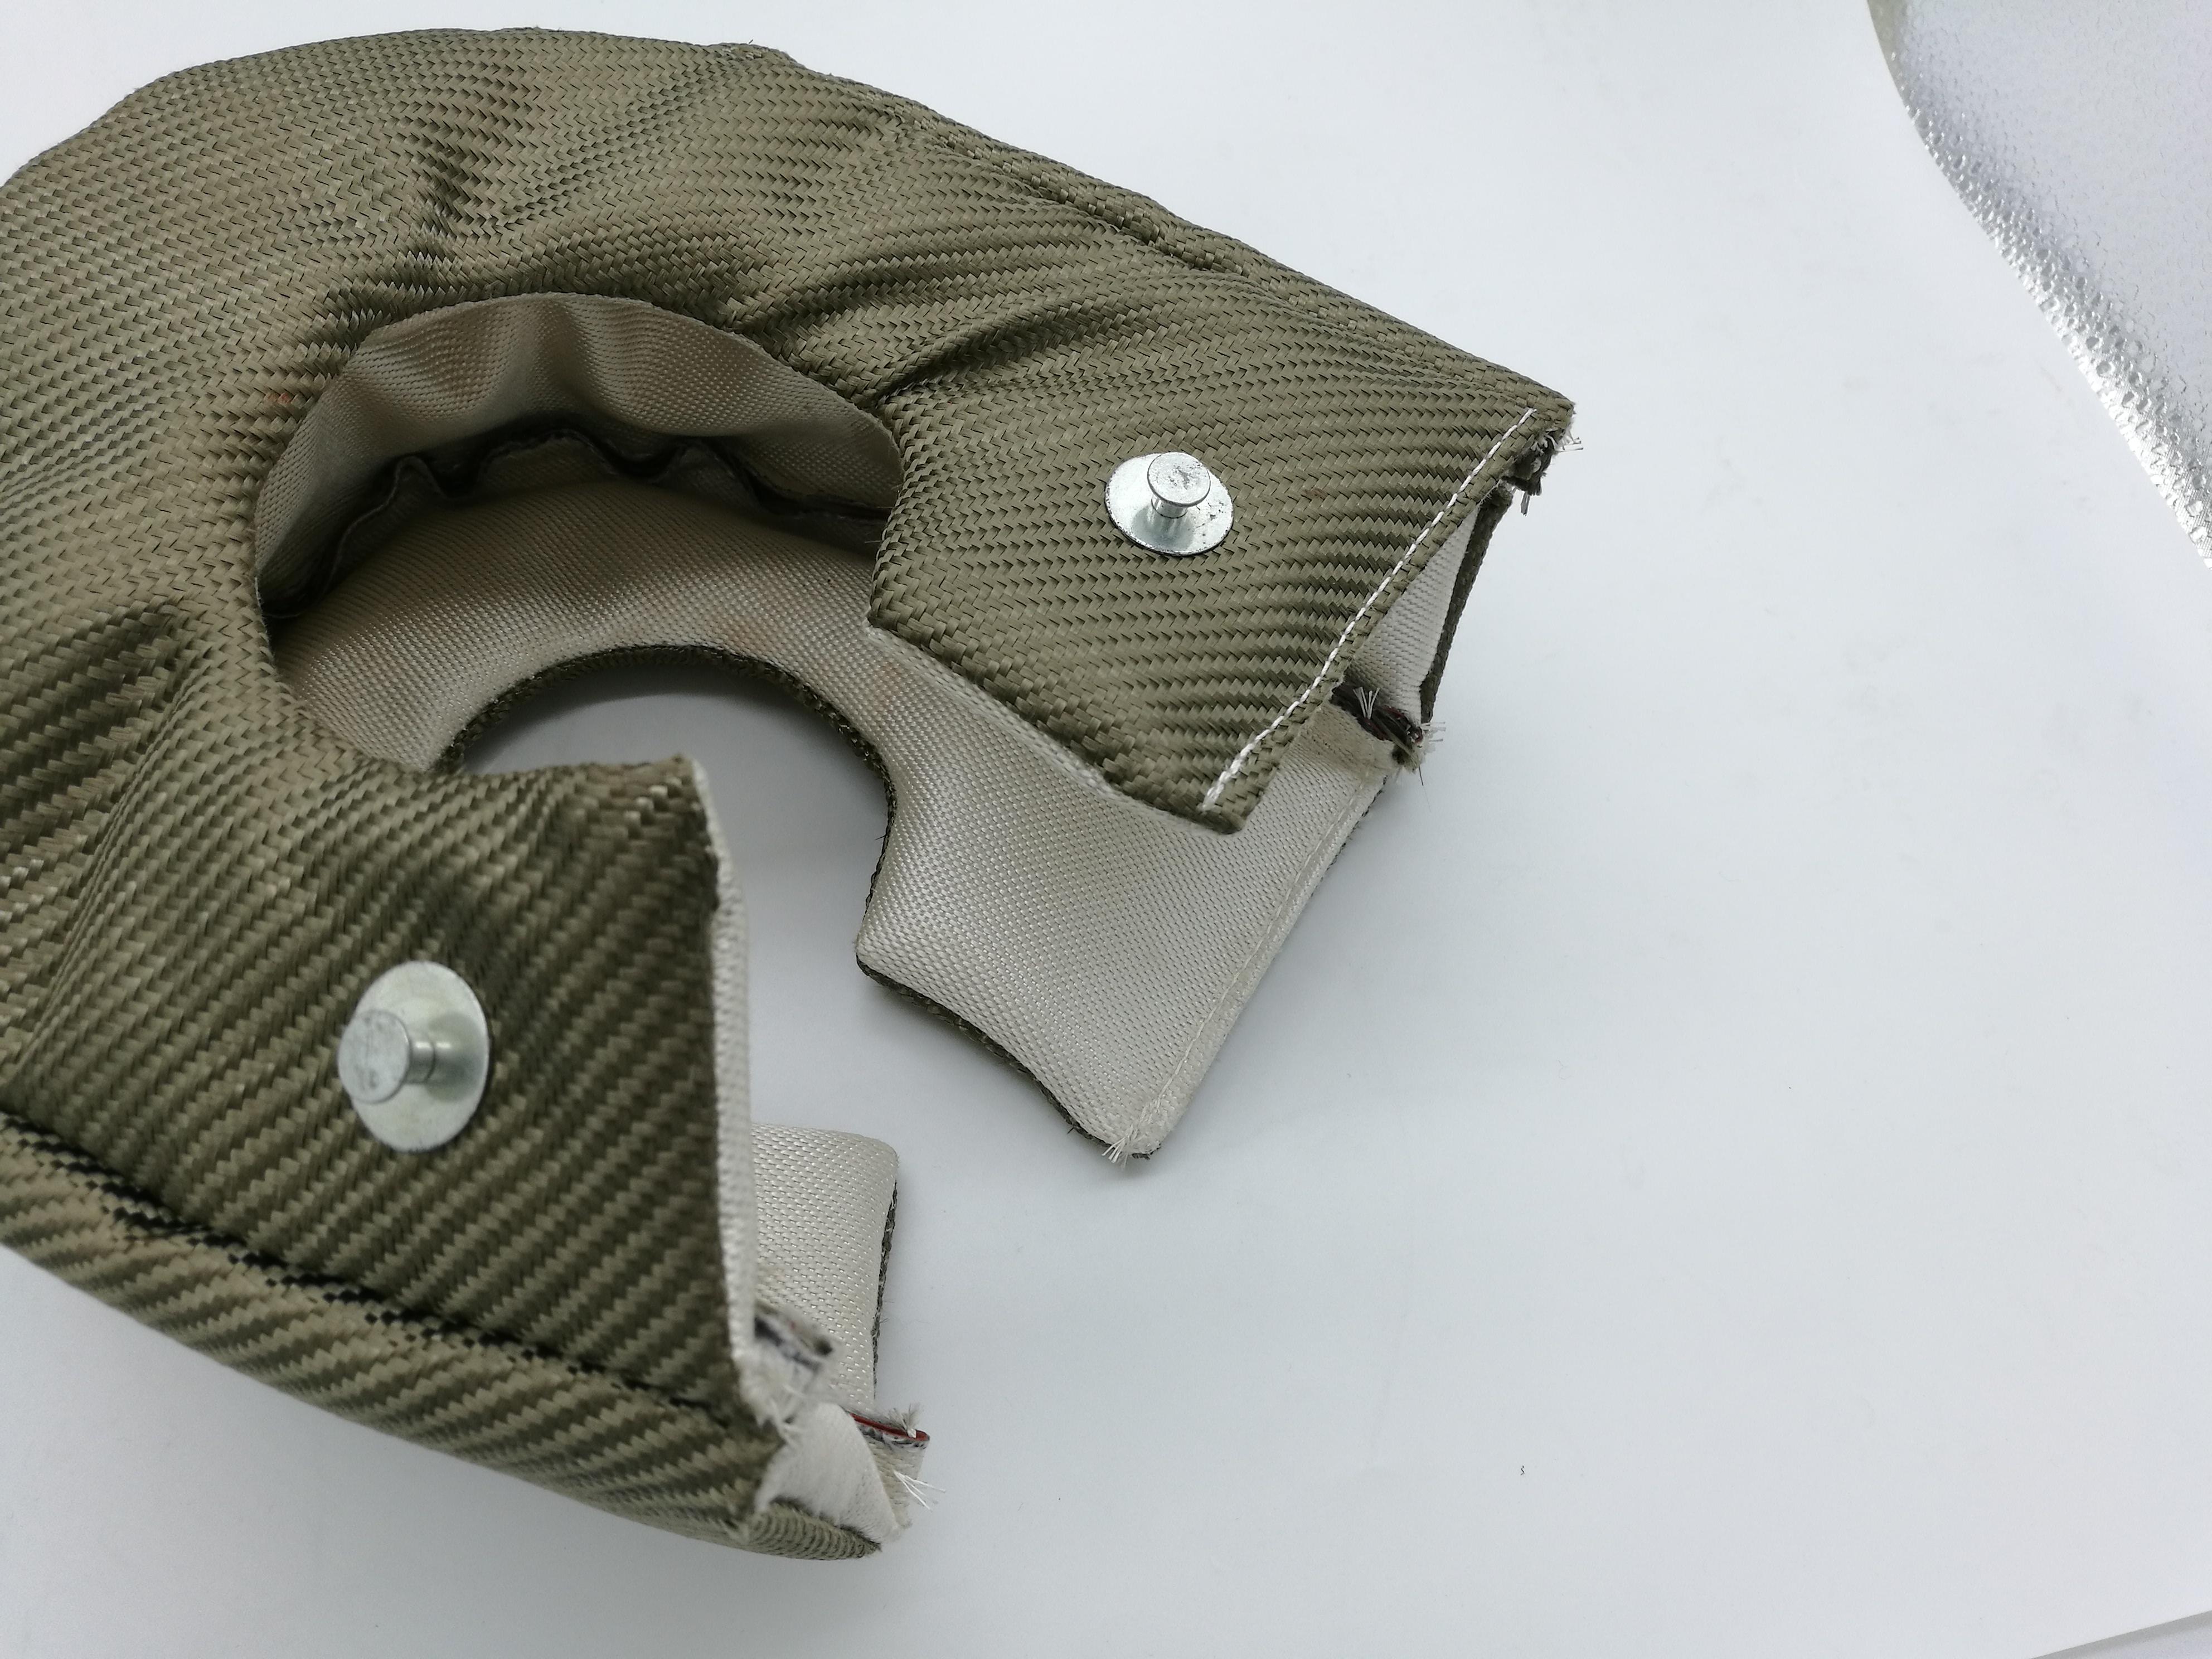 涡轮的作用_涡轮增压保护罩的作用是什么,涡轮增压保护罩介绍 【图】_电动邦